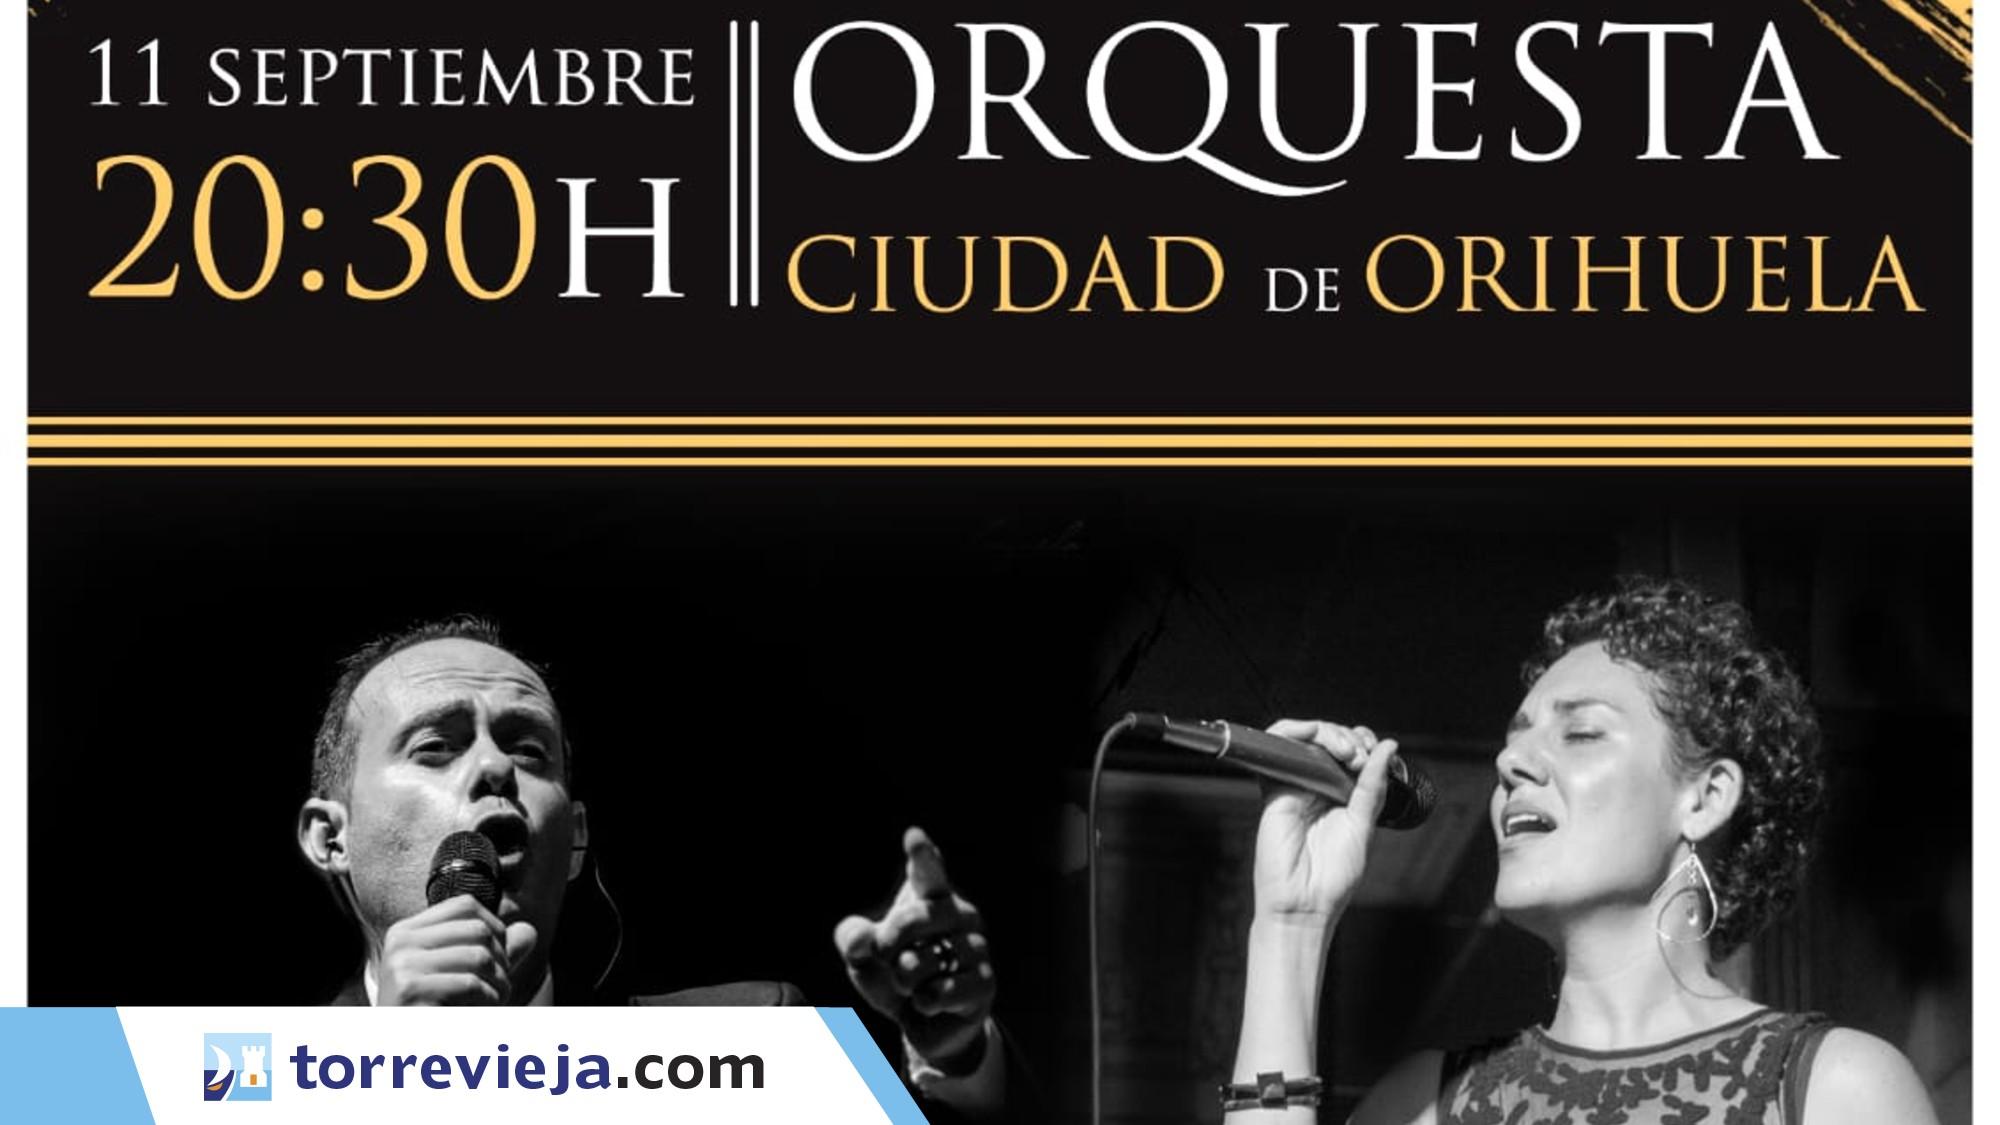 Orquesta Ciudad de Orihuela en Rojales Torreviejacom